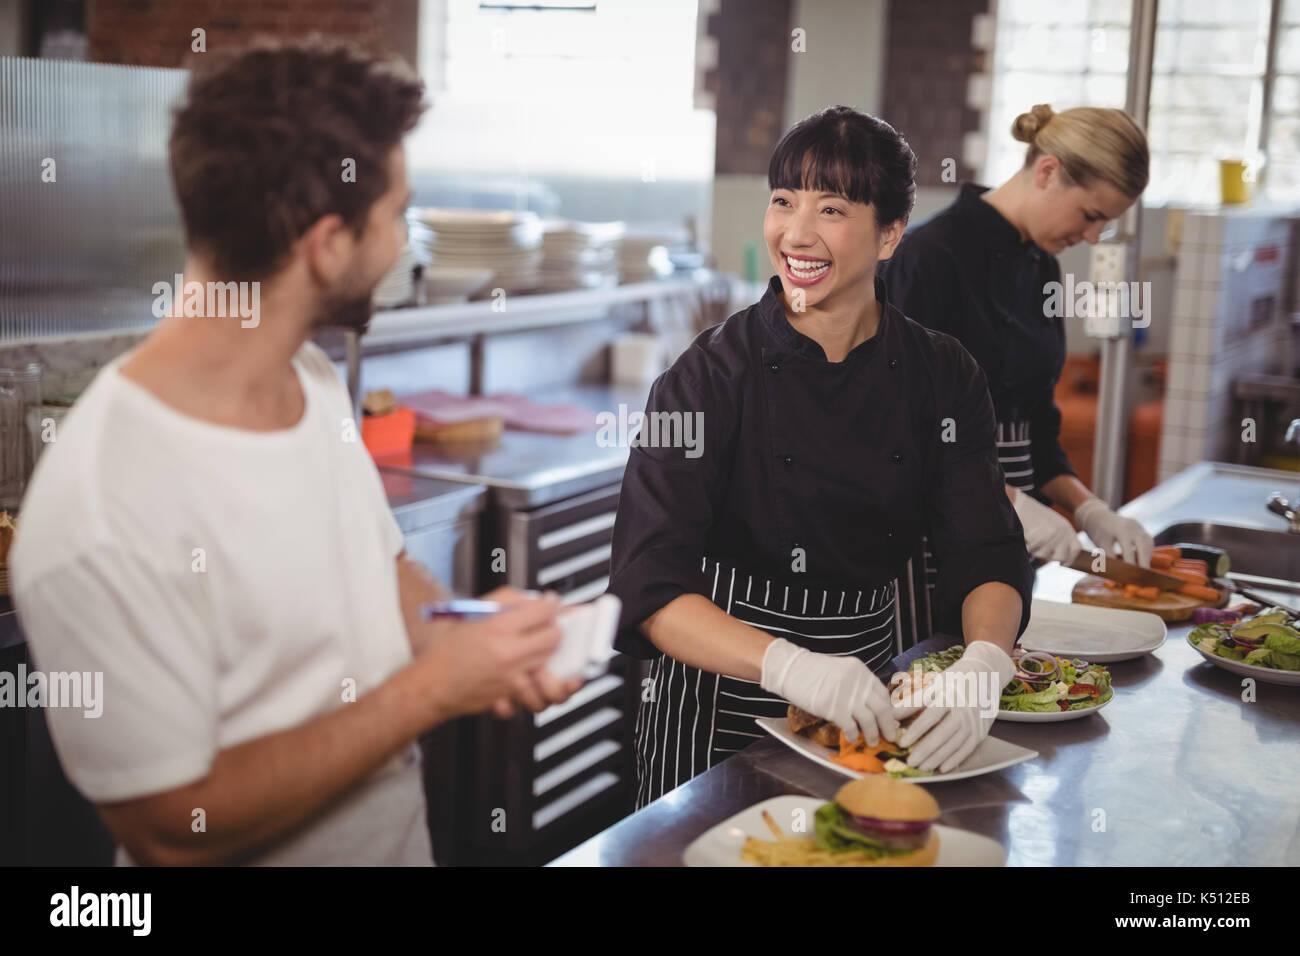 Alegre camarero y cocinero femenina trabaja en la cocina en el cafe Foto de stock